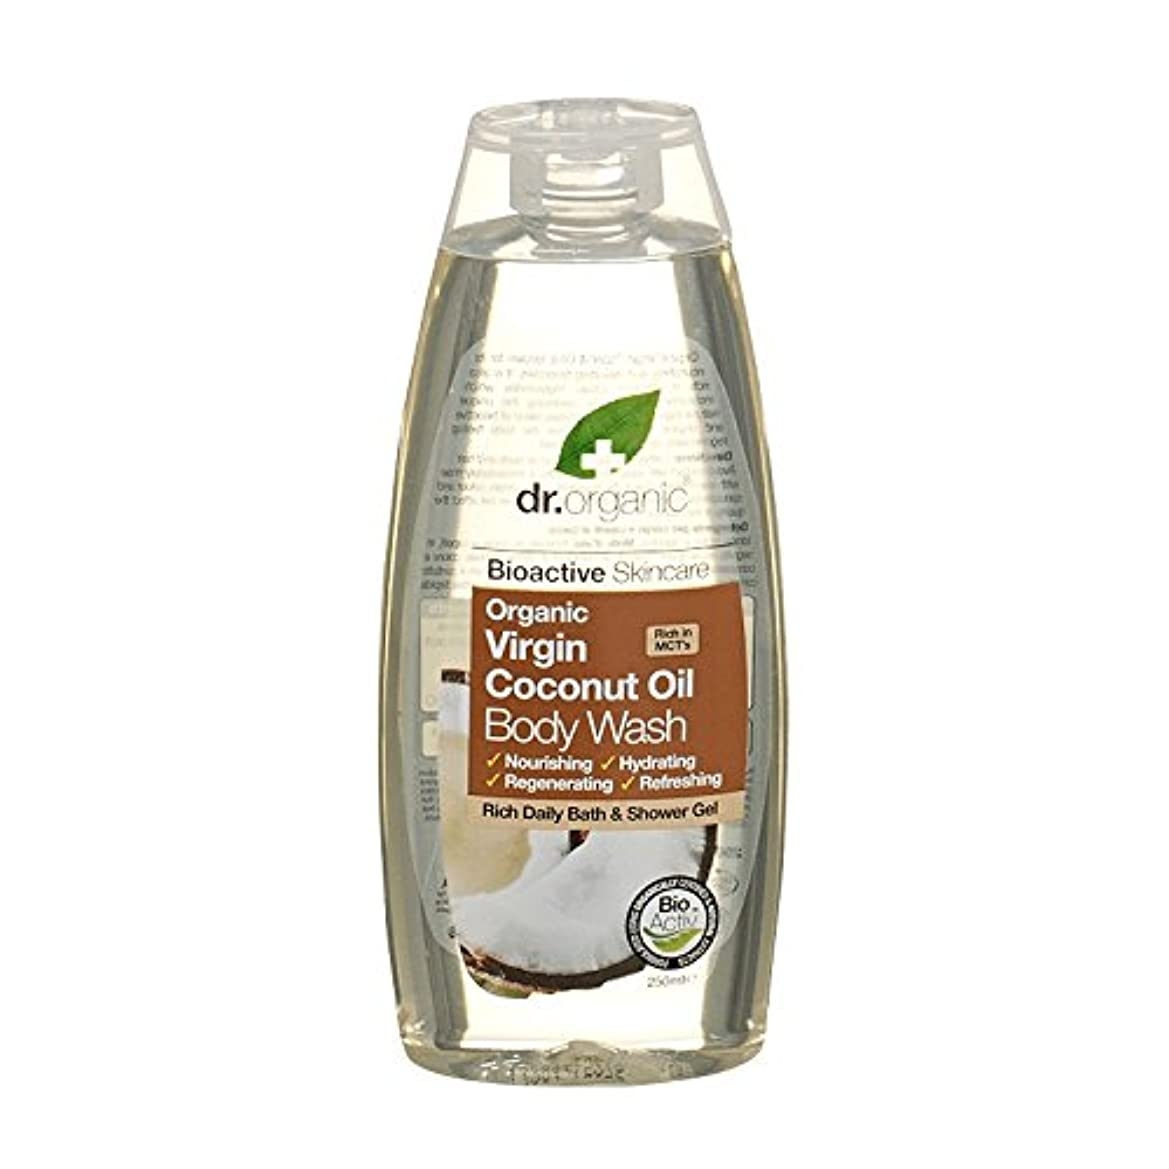 補体セブン分泌するDr Organic Organic Virgin Coconut Oil Body Wash (Pack of 6) - Dr有機有機バージンココナッツオイルボディウォッシュ (x6) [並行輸入品]